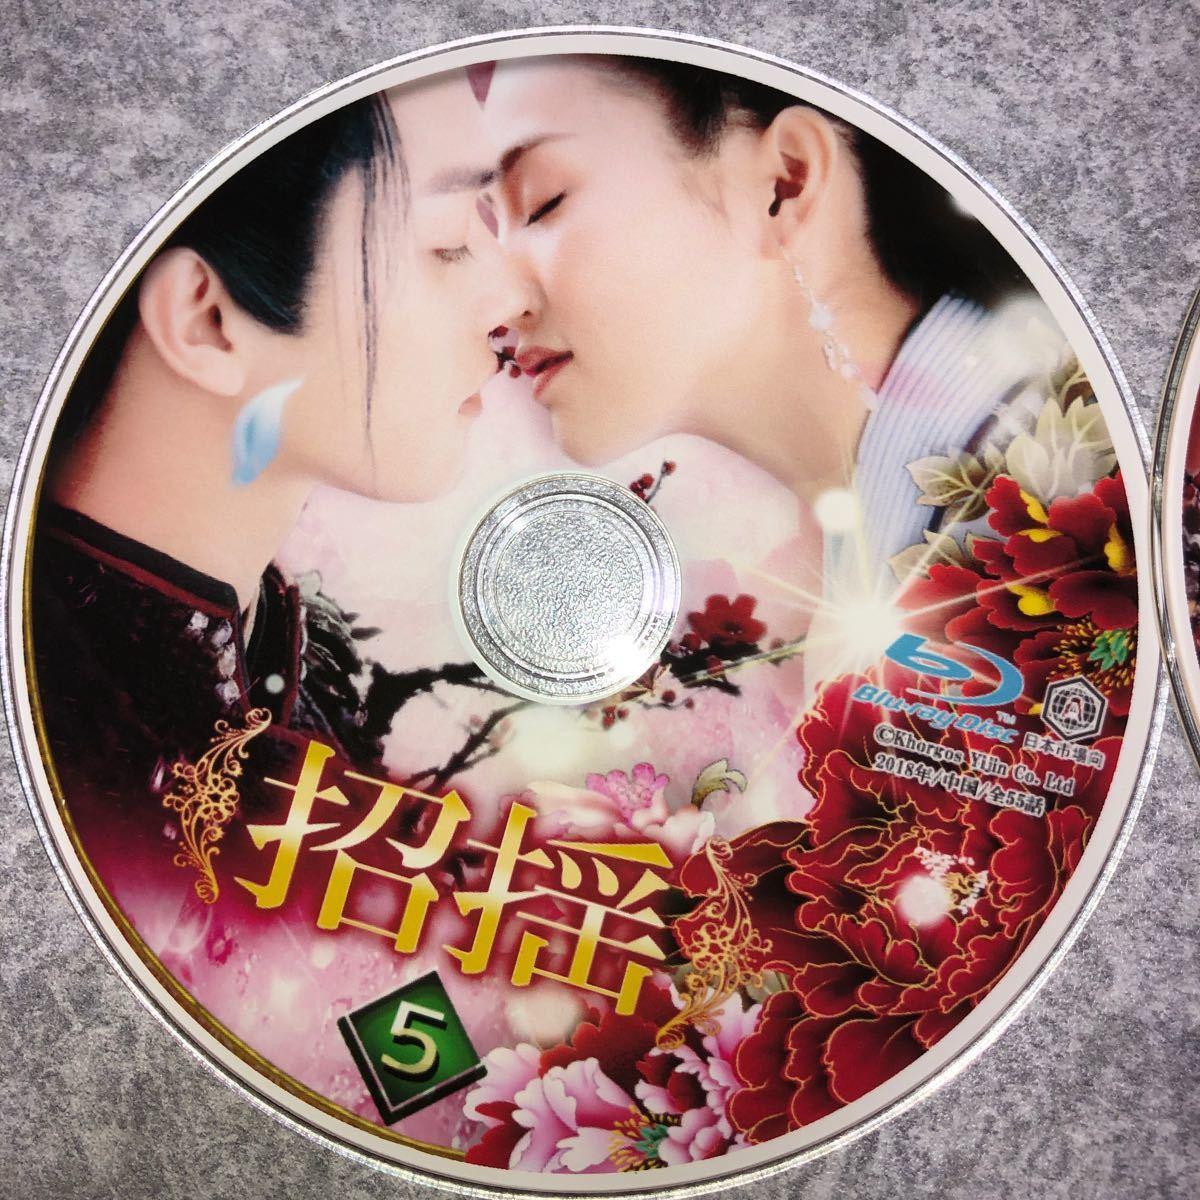 中国ドラマ 招揺 Blu-ray